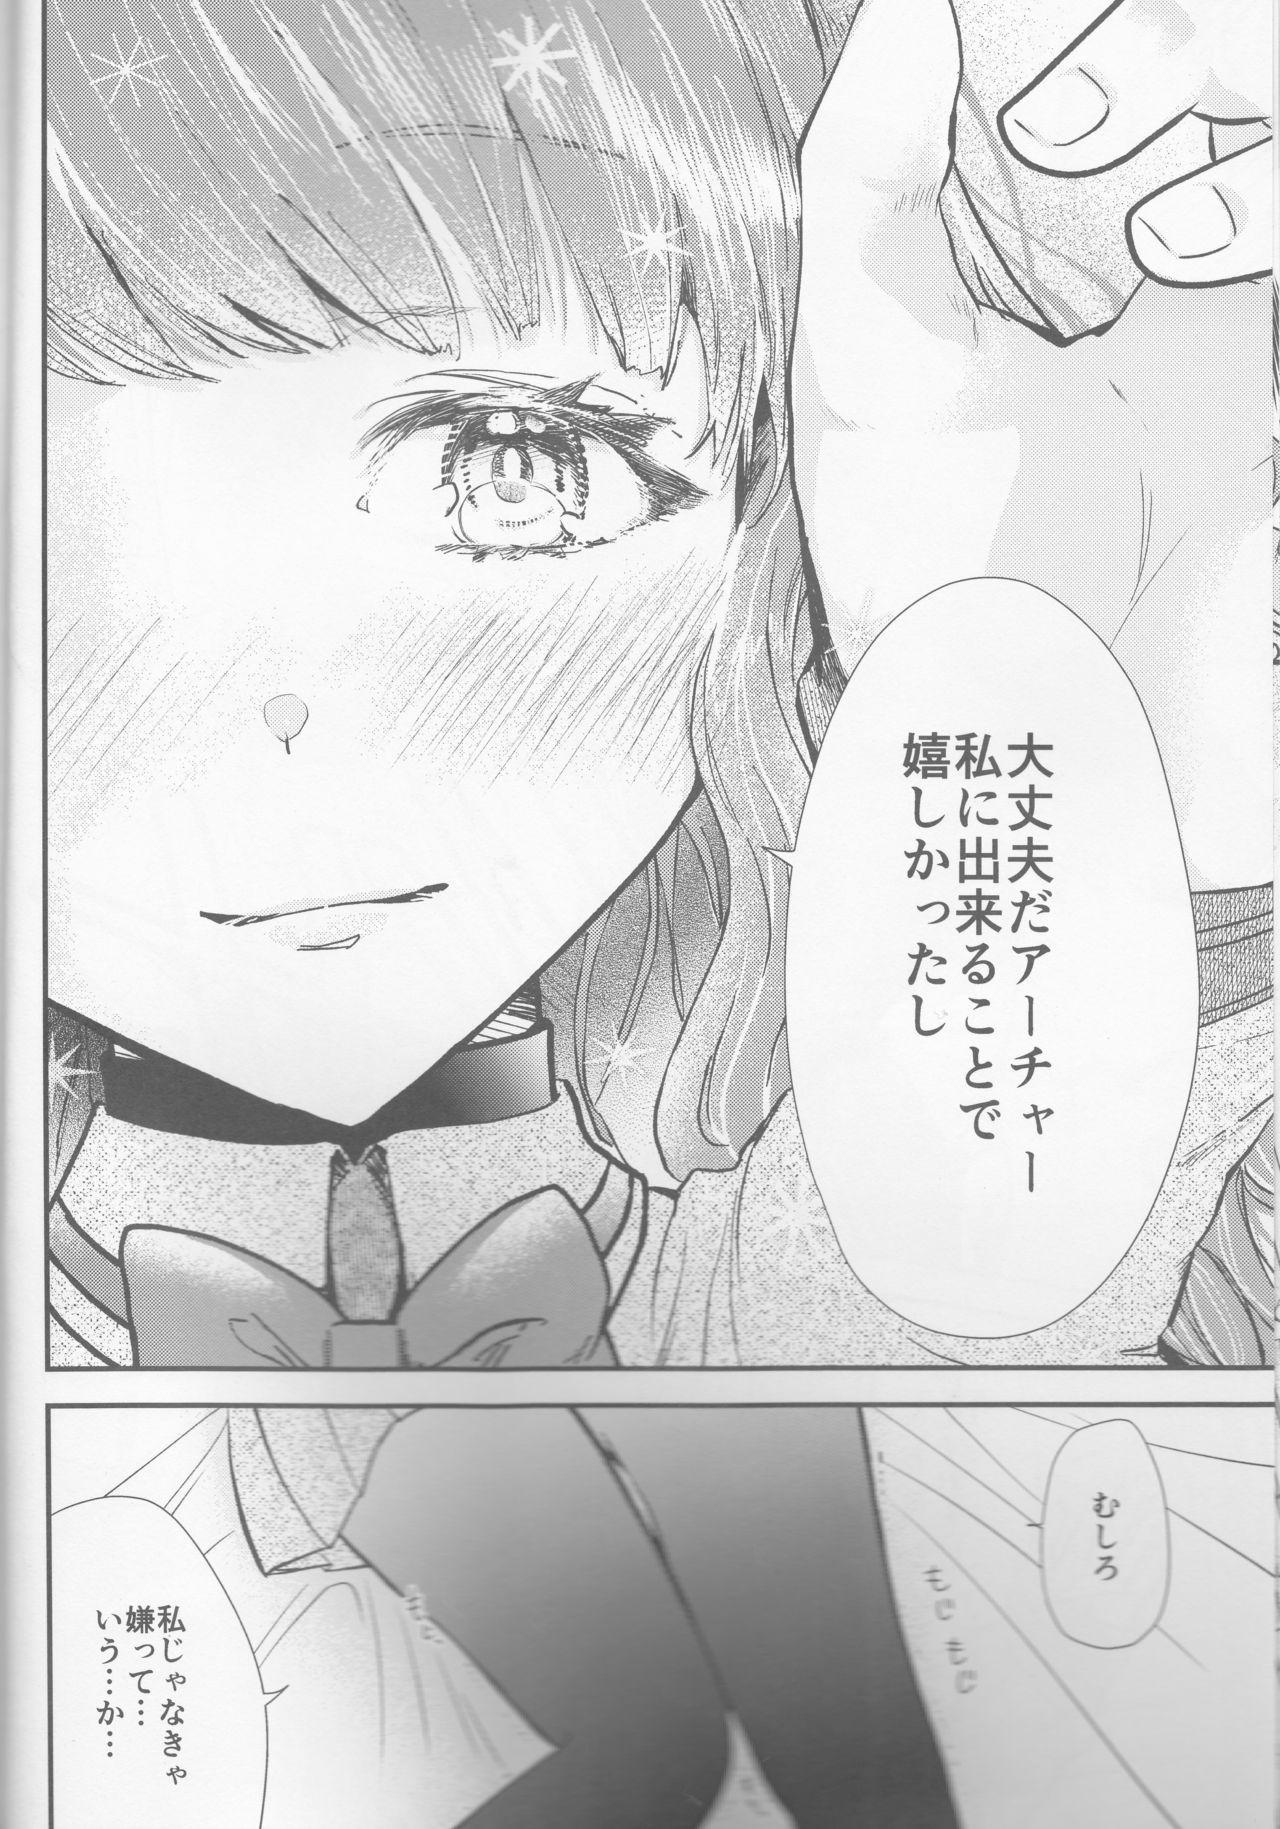 Hokenshitsu Eve Jiriki de Yarasete Kudasai Onegaishimasu 12